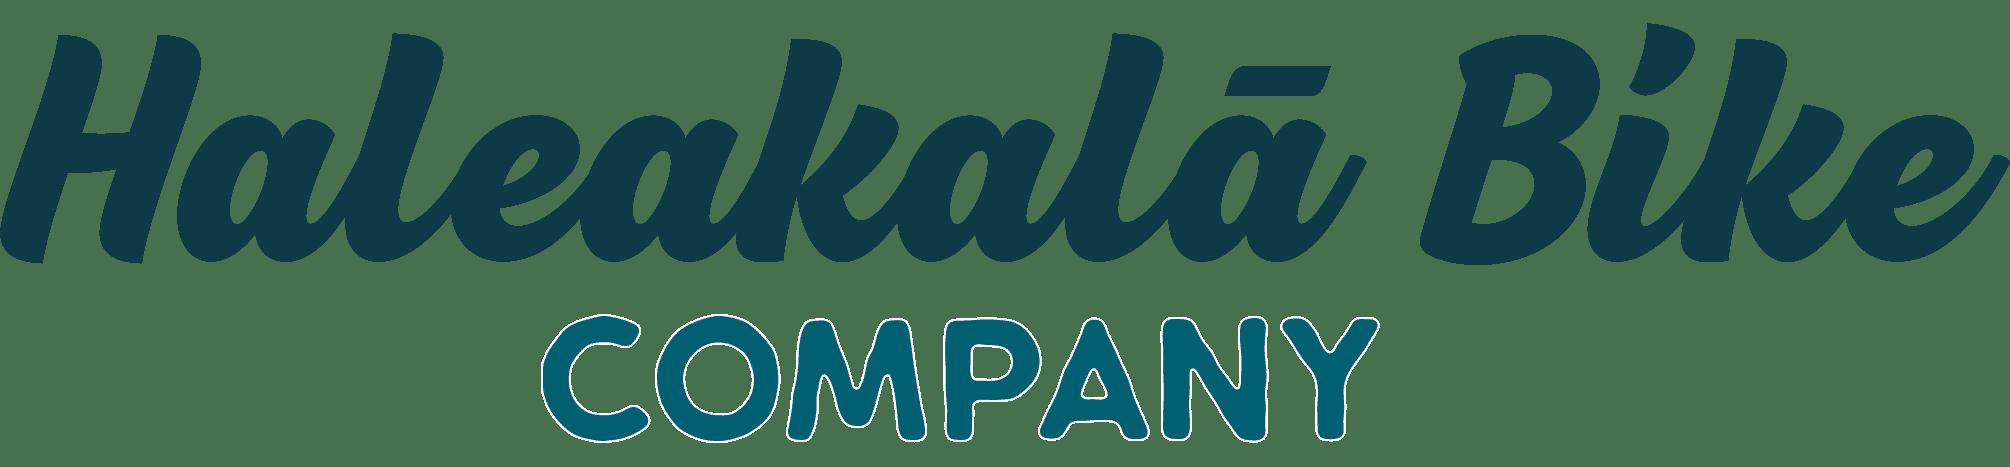 Haleakala Bike Co.